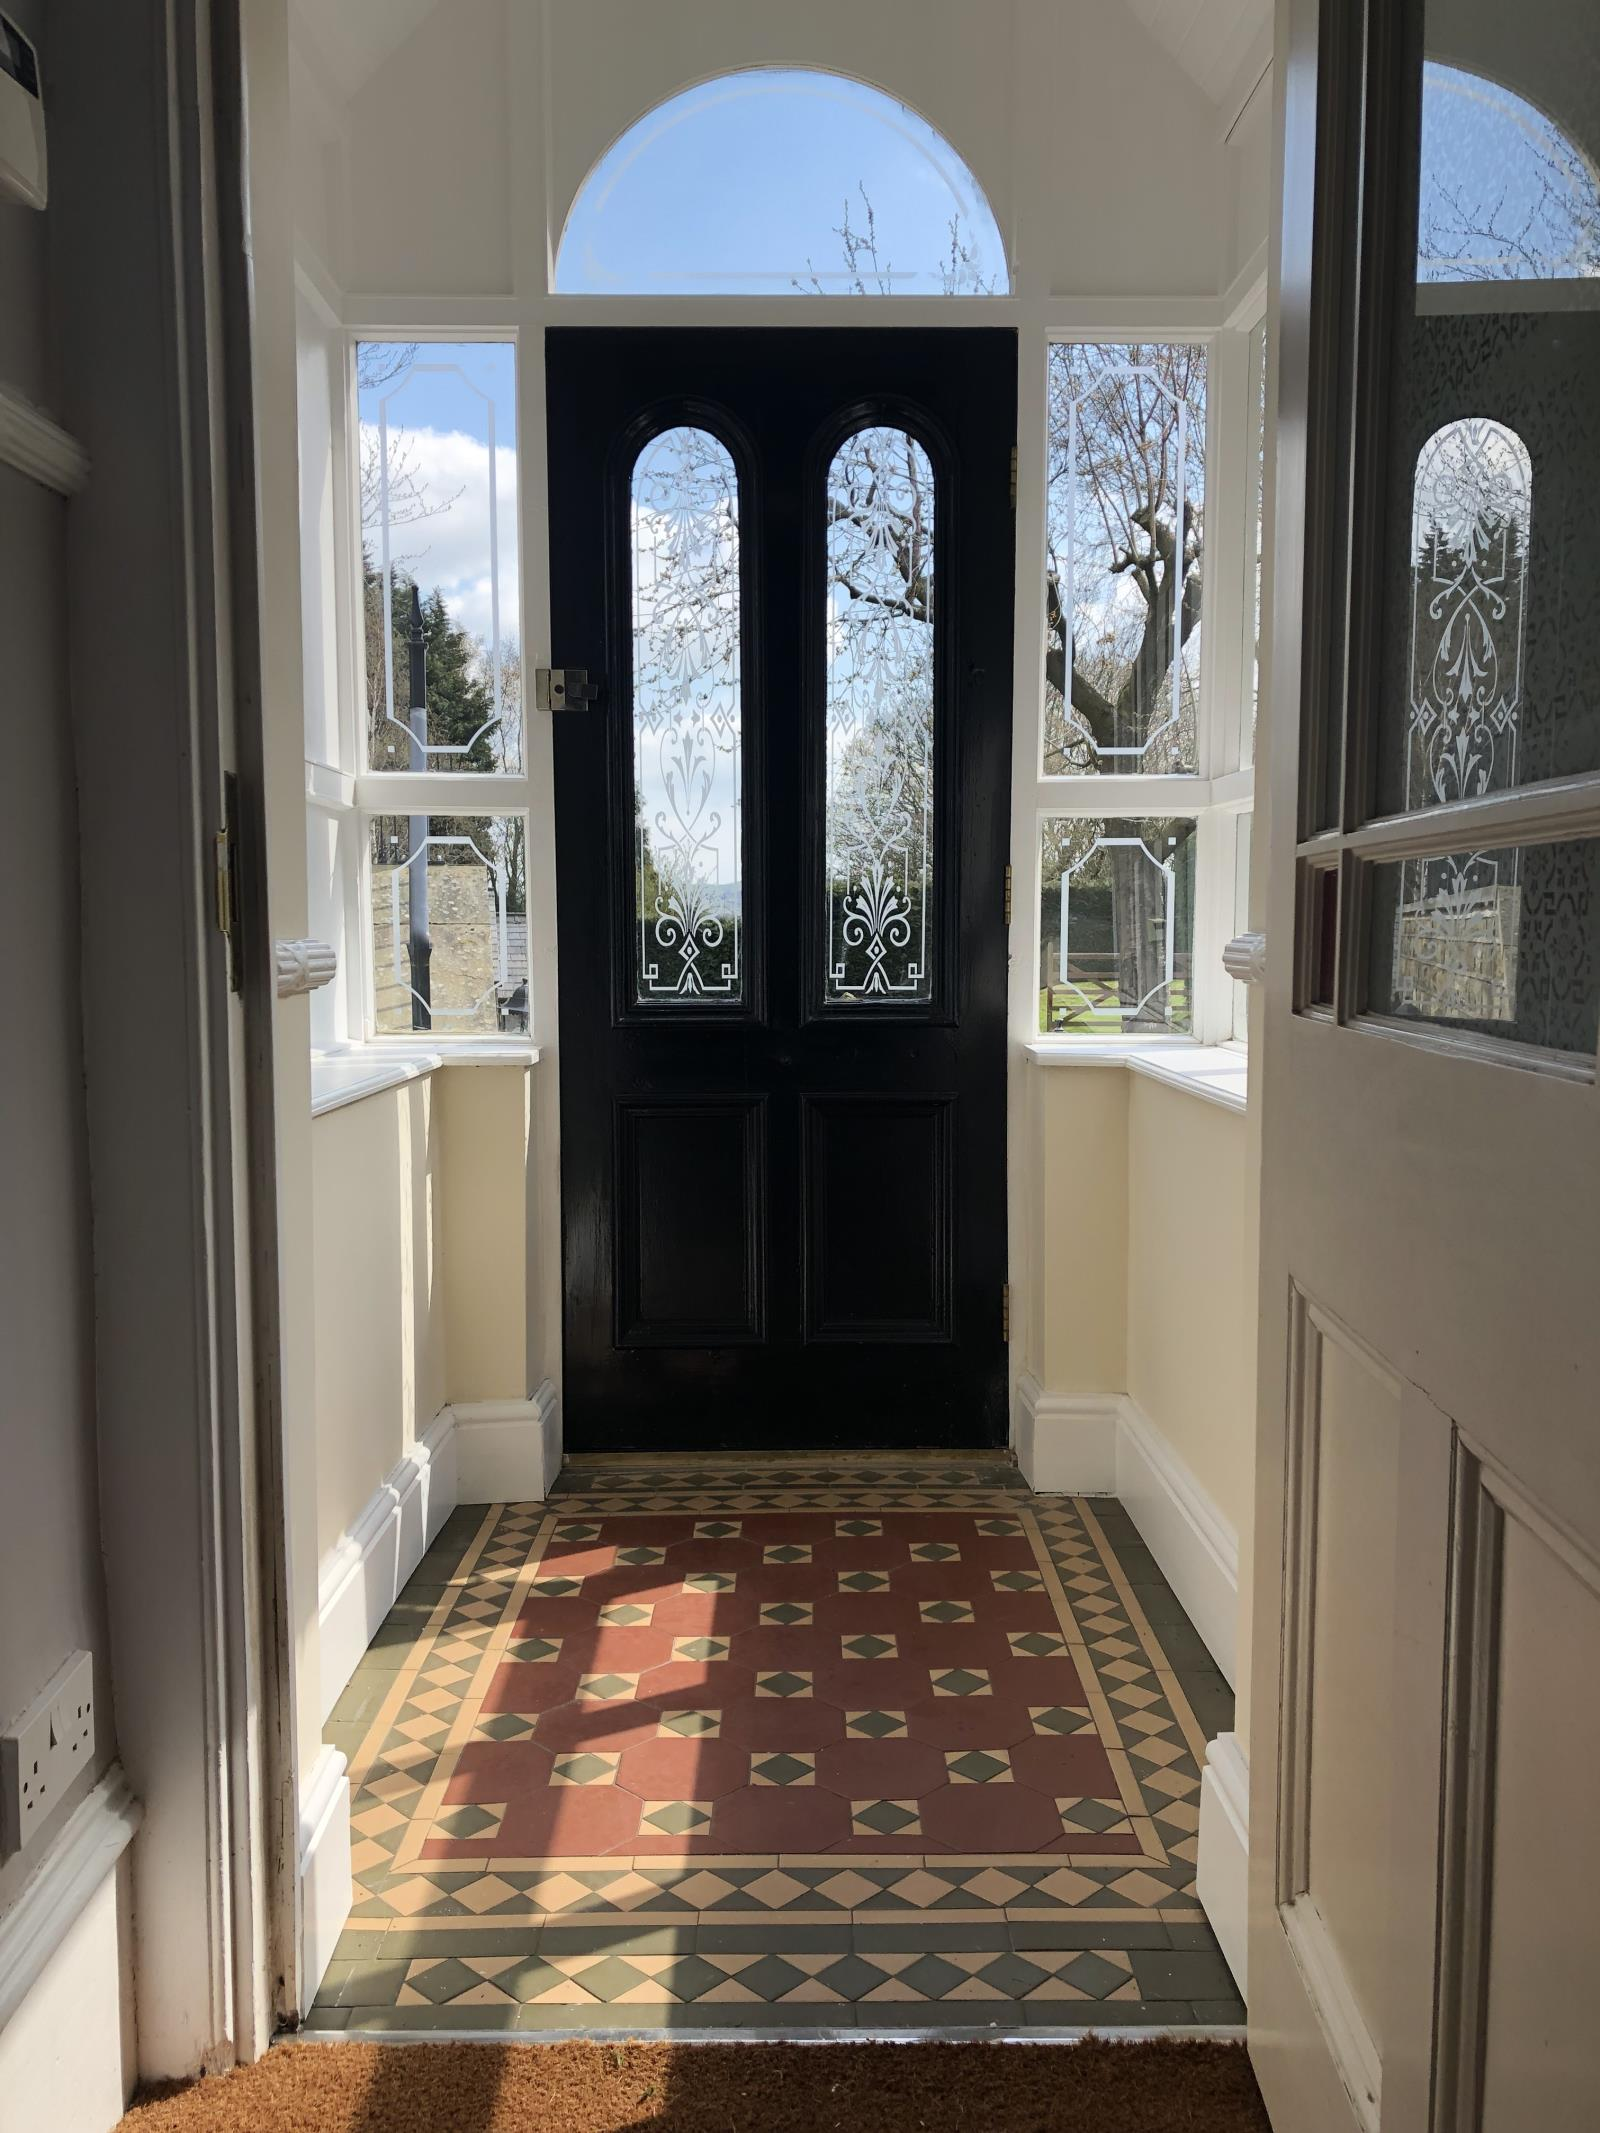 Melbourne Cottage, Hill Lane, Upperthong, HD9 3UY